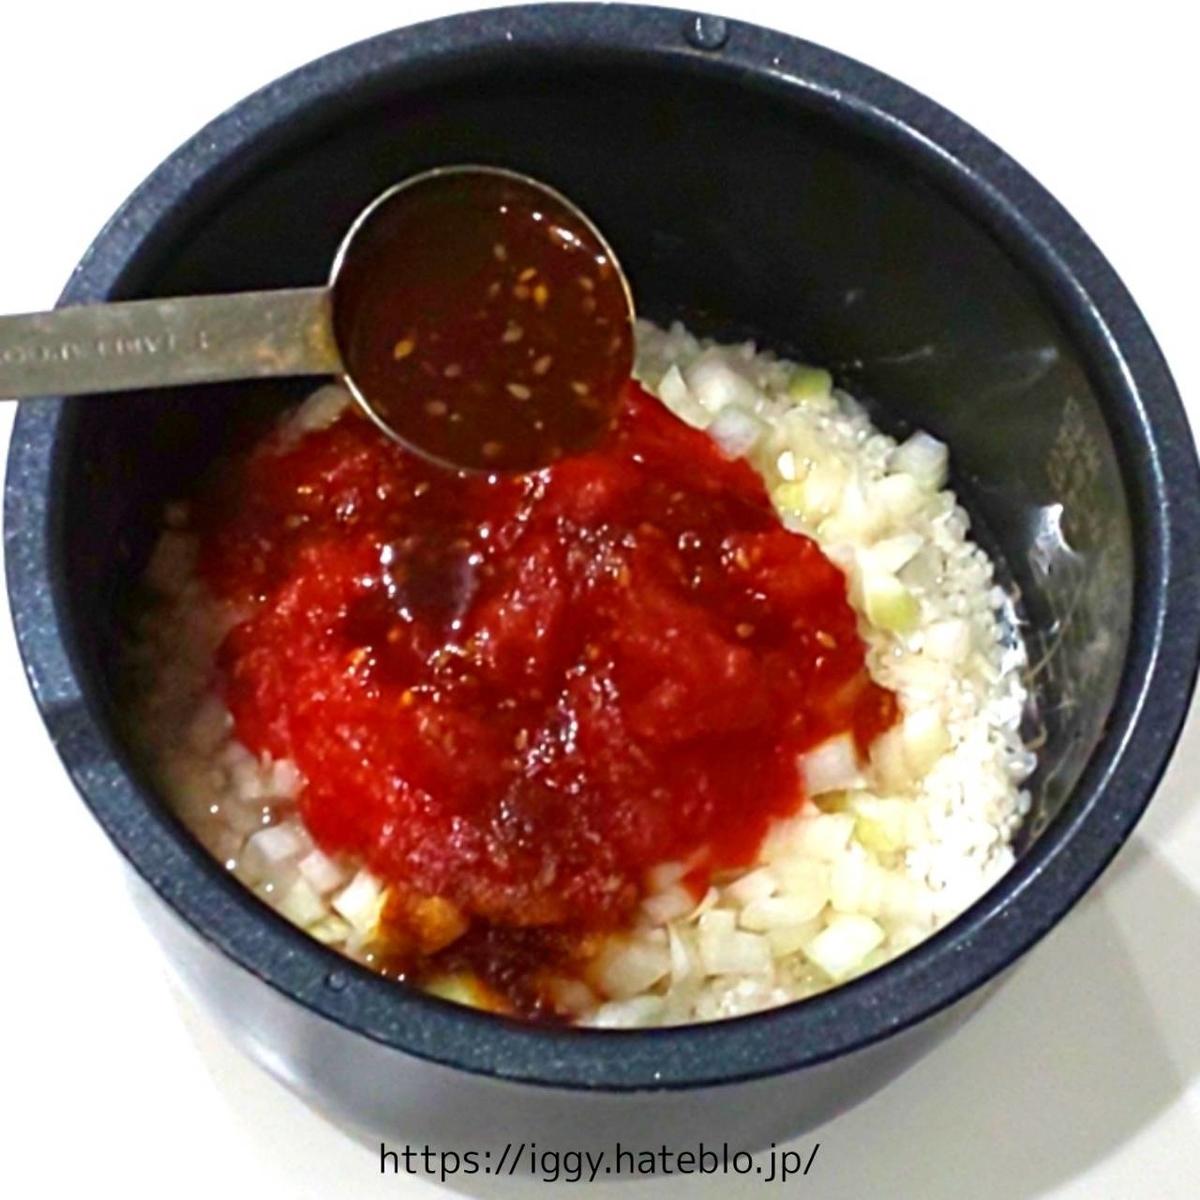 炊飯器で簡単「ジャンバラヤ」作り方④ LIFE